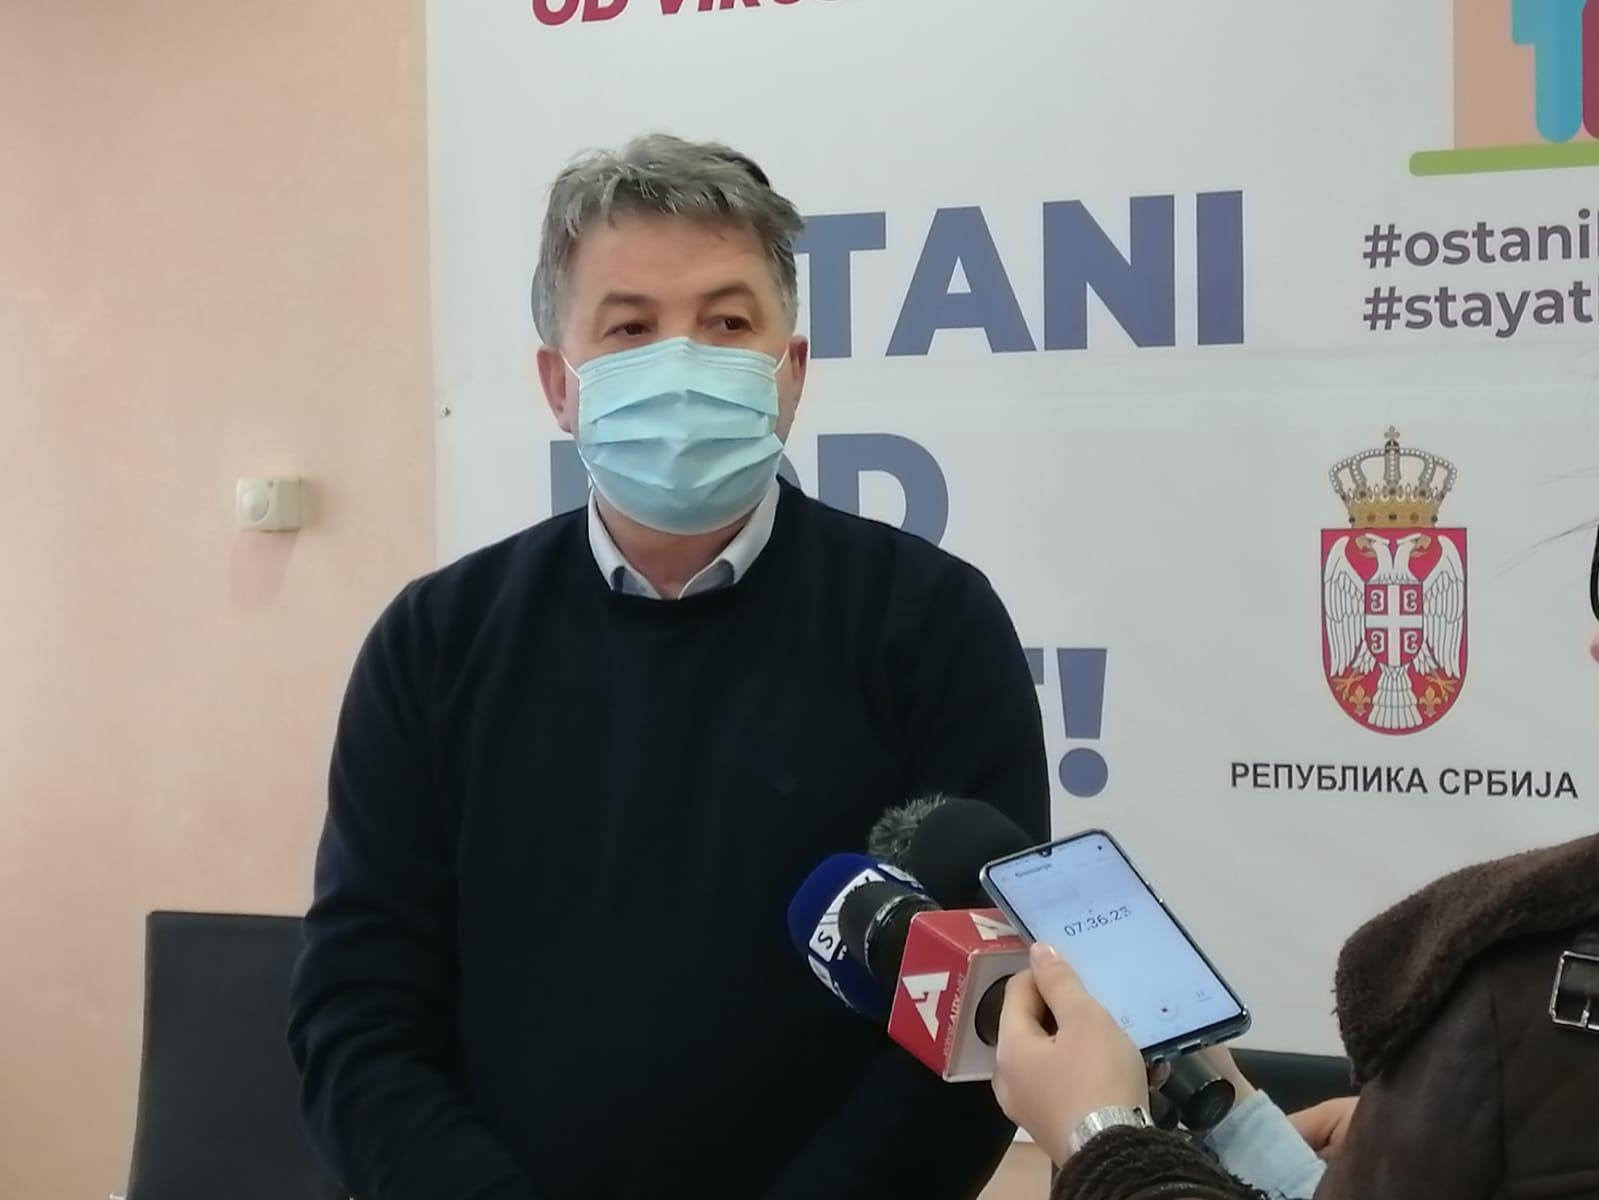 Štab: U bolnici uglavnom nevakcinisani građani (video)